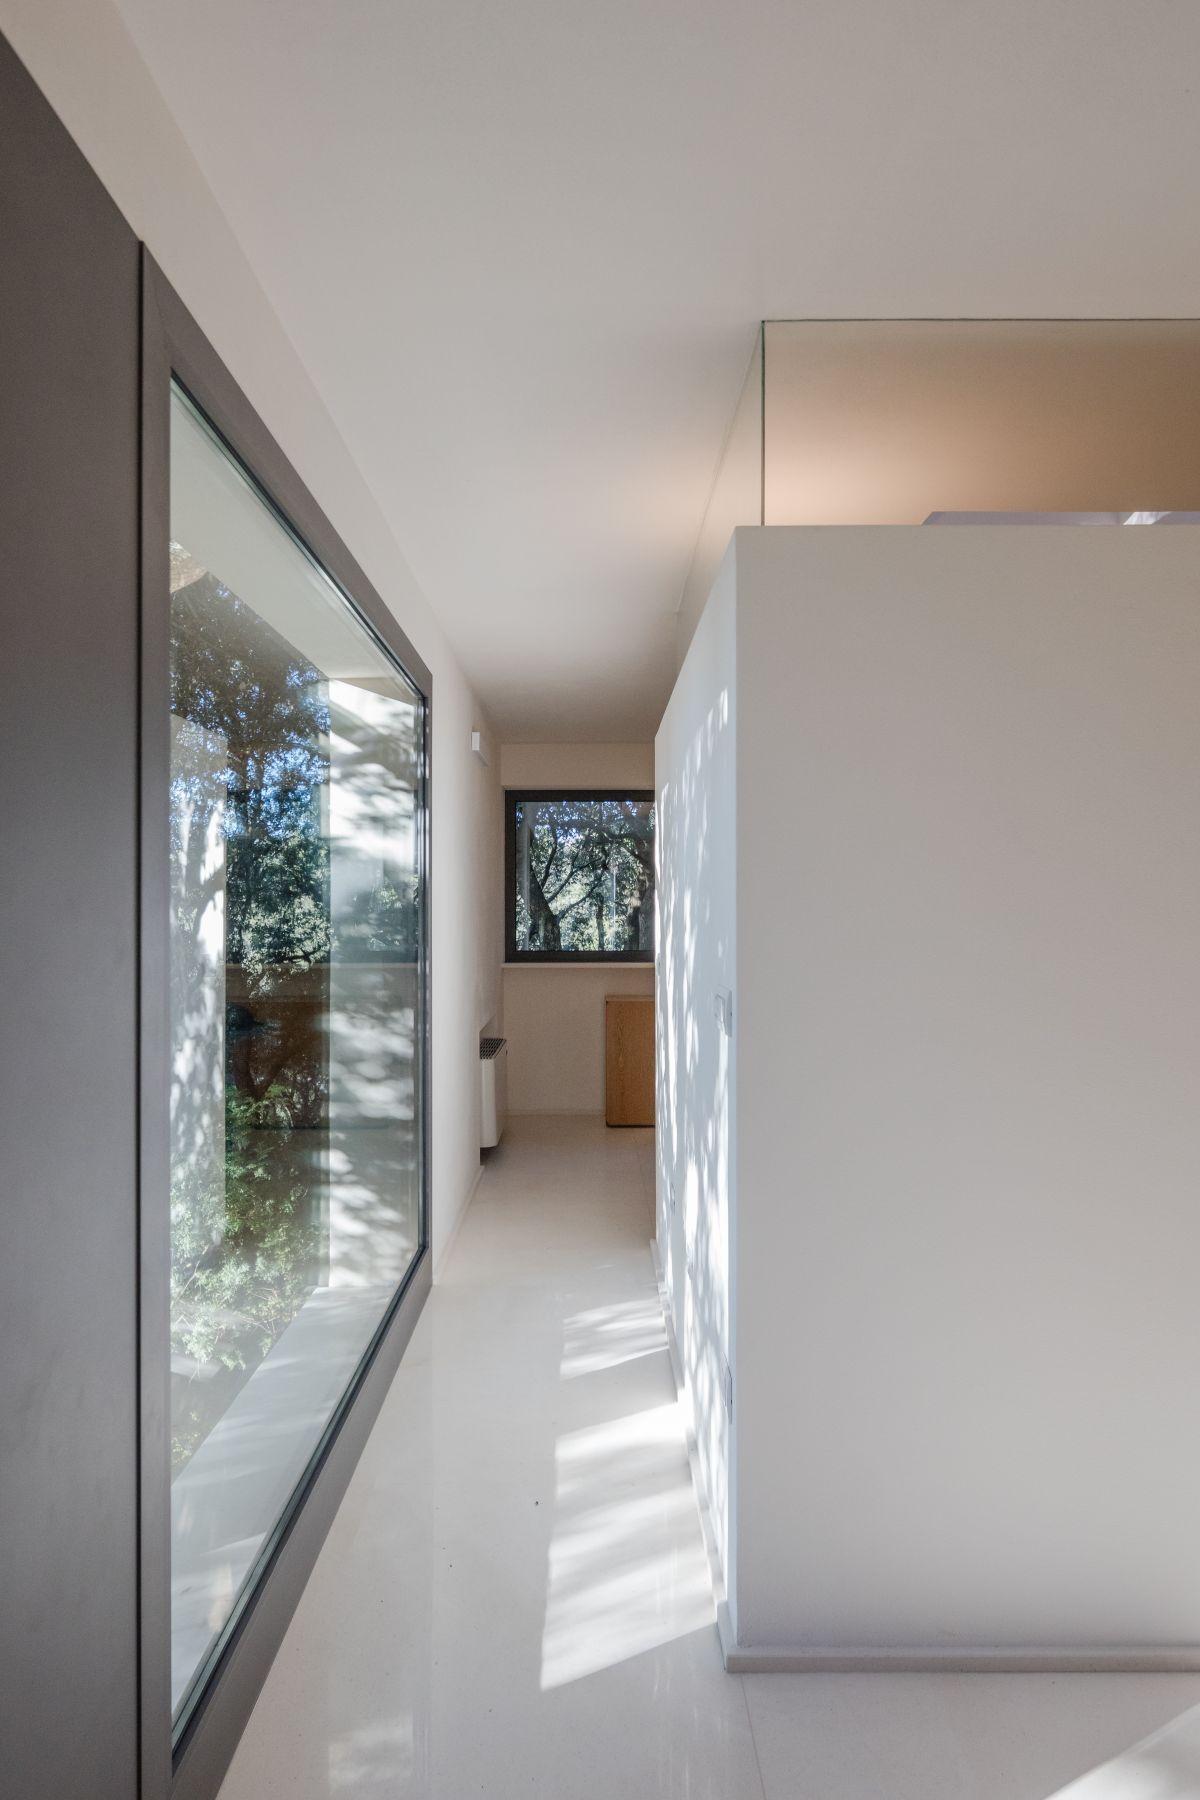 Casa nel Bosco narrow hallway with glass wall